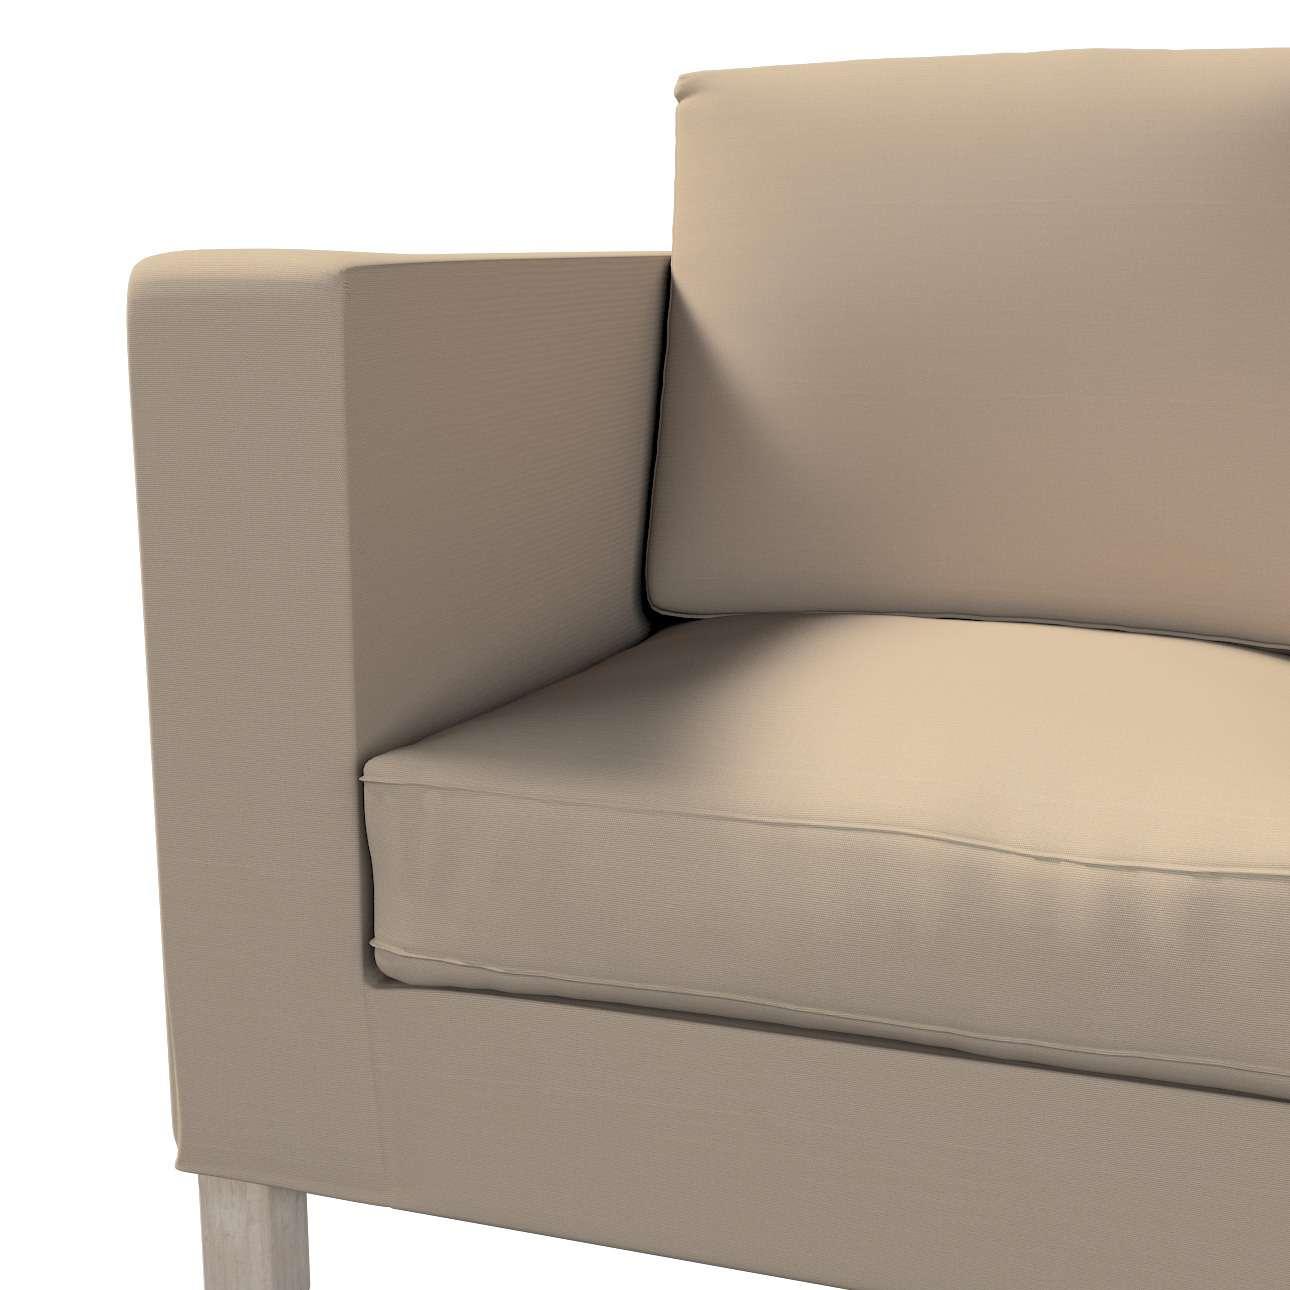 Potah na pohovku IKEA  Karlanda 2-místná, krátký v kolekci Cotton Panama, látka: 702-28